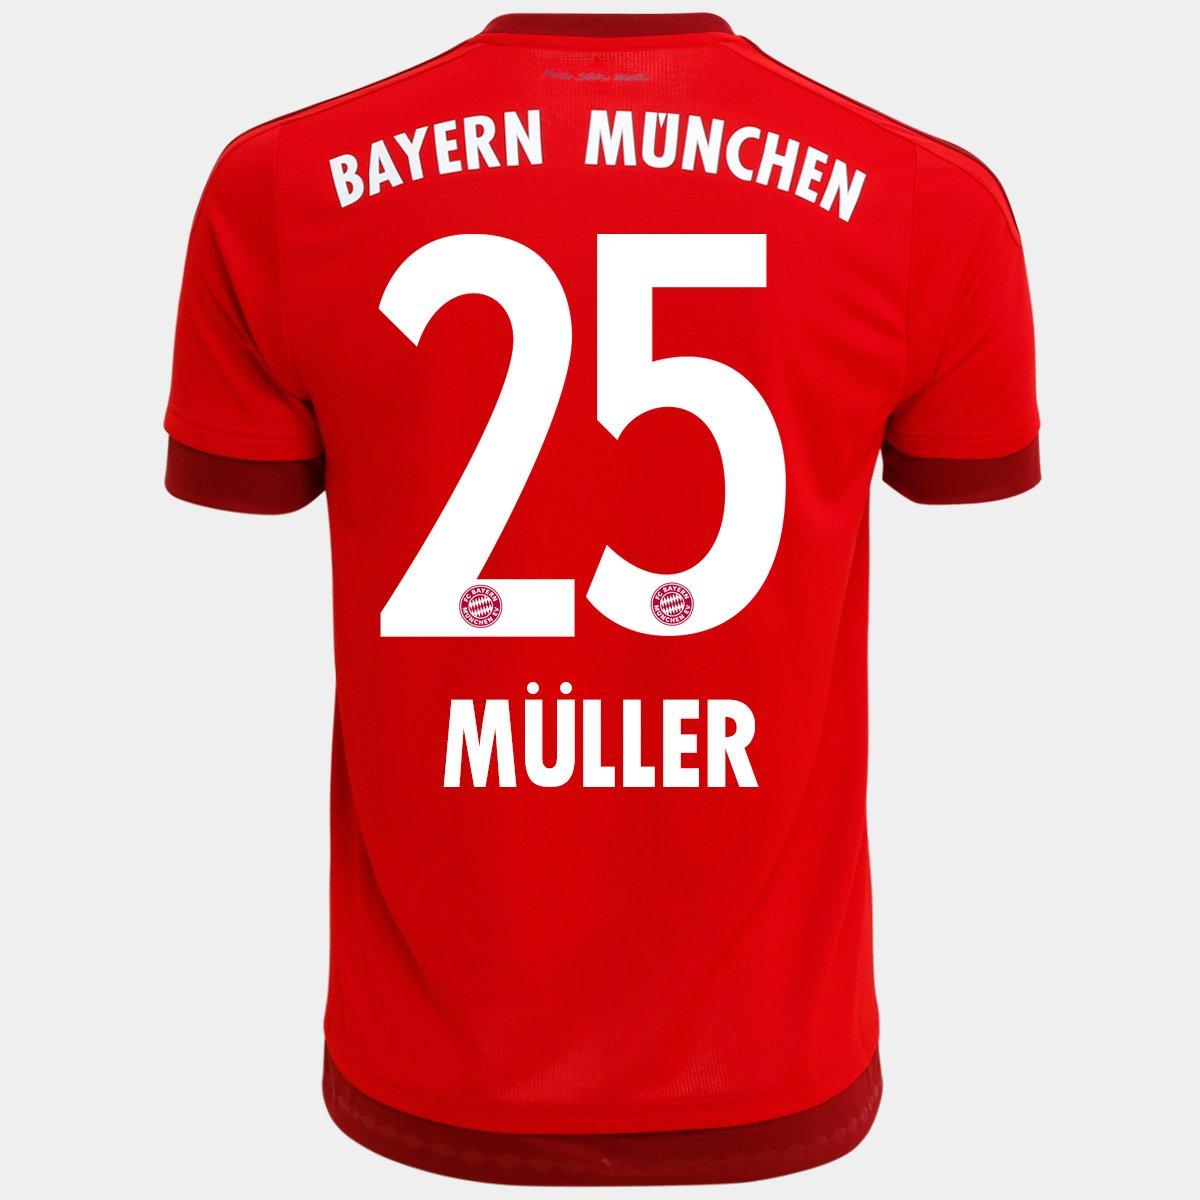 d20decfb79c3f Camisa Adidas Bayern de Munique Home 15 16 nº 25 - Müller - Compre Agora